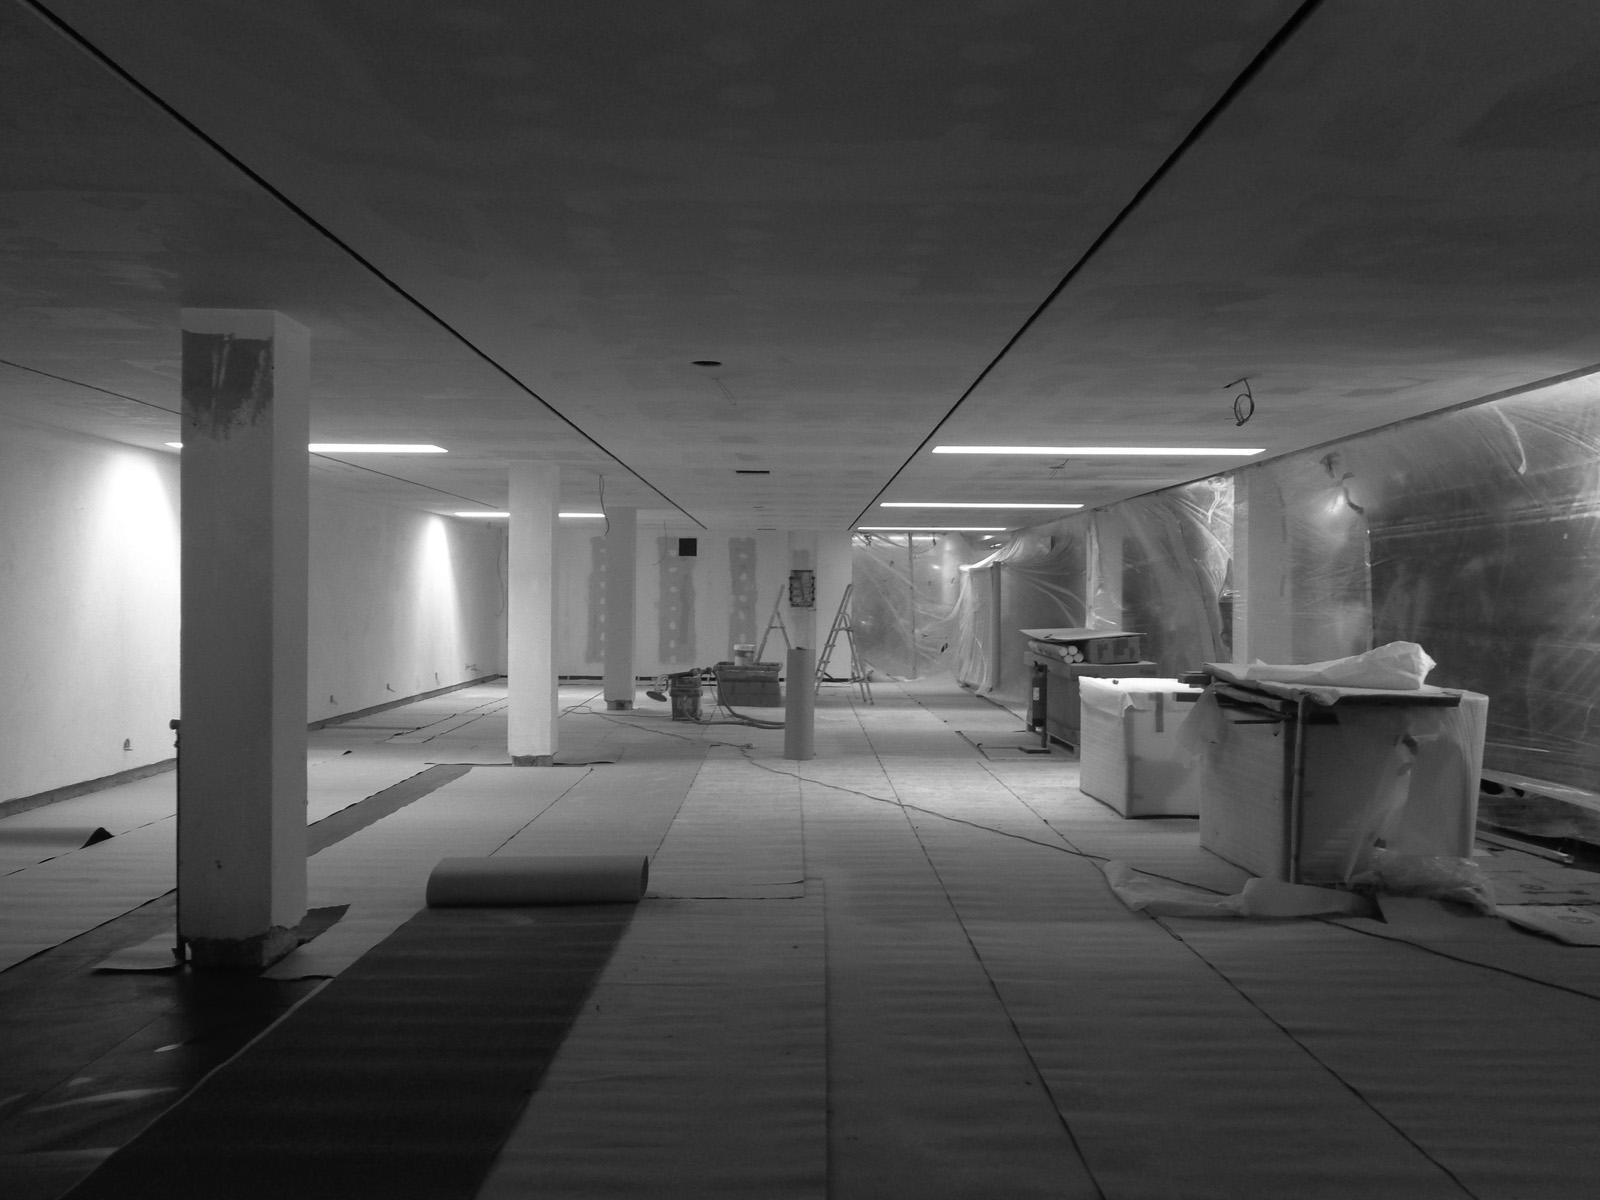 Antero Motos - Construção - Stand - Oficina - BMW - Yamaha - EVA evolutionary architecture - Arquitectos Porto (1).jpg